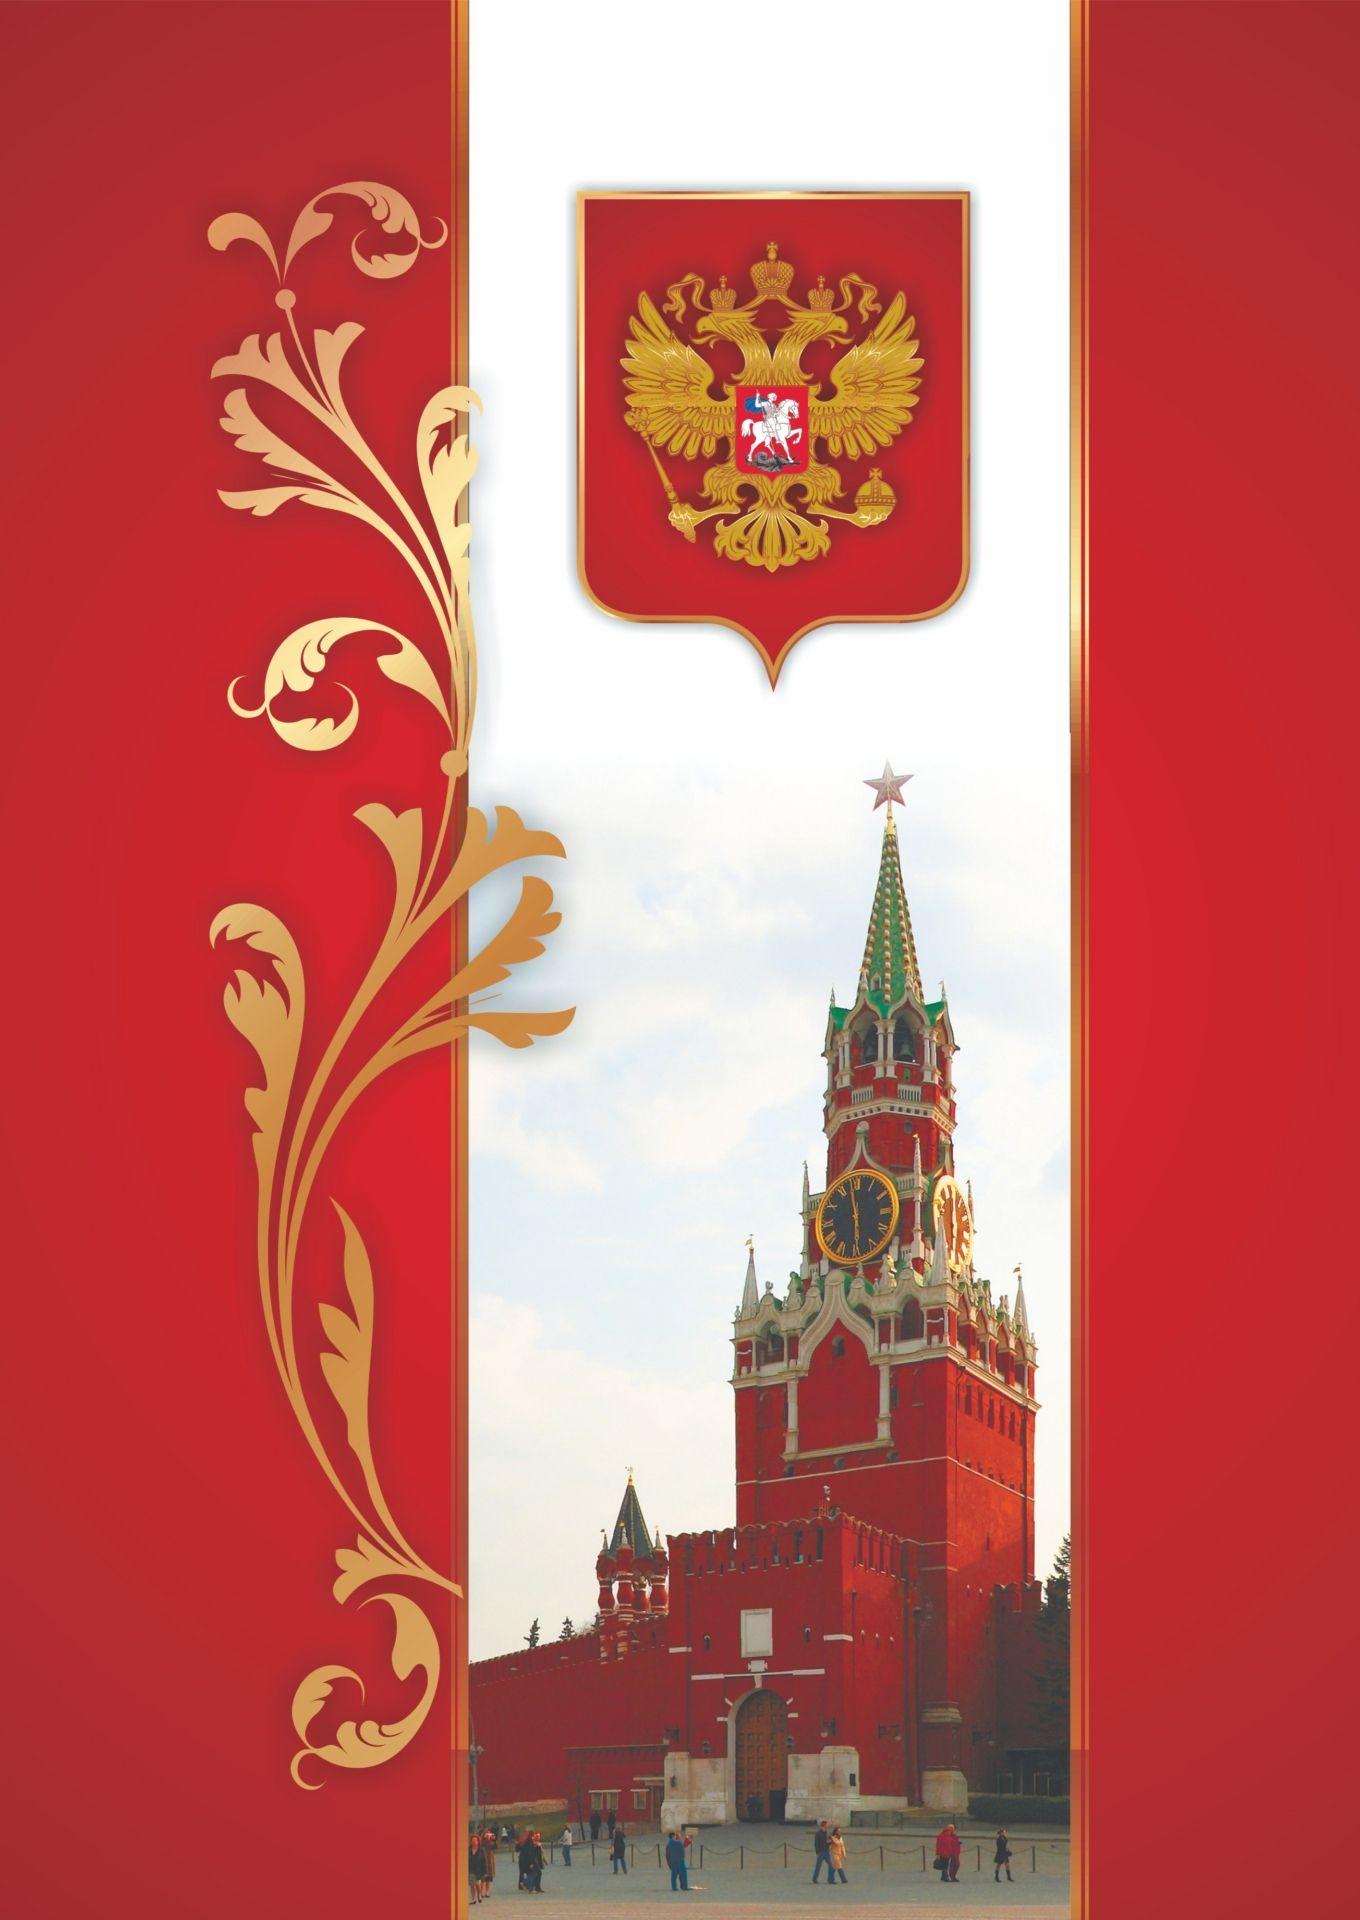 Адресная папка Московский КремльПапки адресные<br>Материалы:на обложку - бумага мелованная, пл. 130.00;на обложку - переплетный материал, пл. 2.00.<br><br>Год: 2017<br>Высота: 310<br>Ширина: 220<br>Переплёт: 7БЦ (твердый)